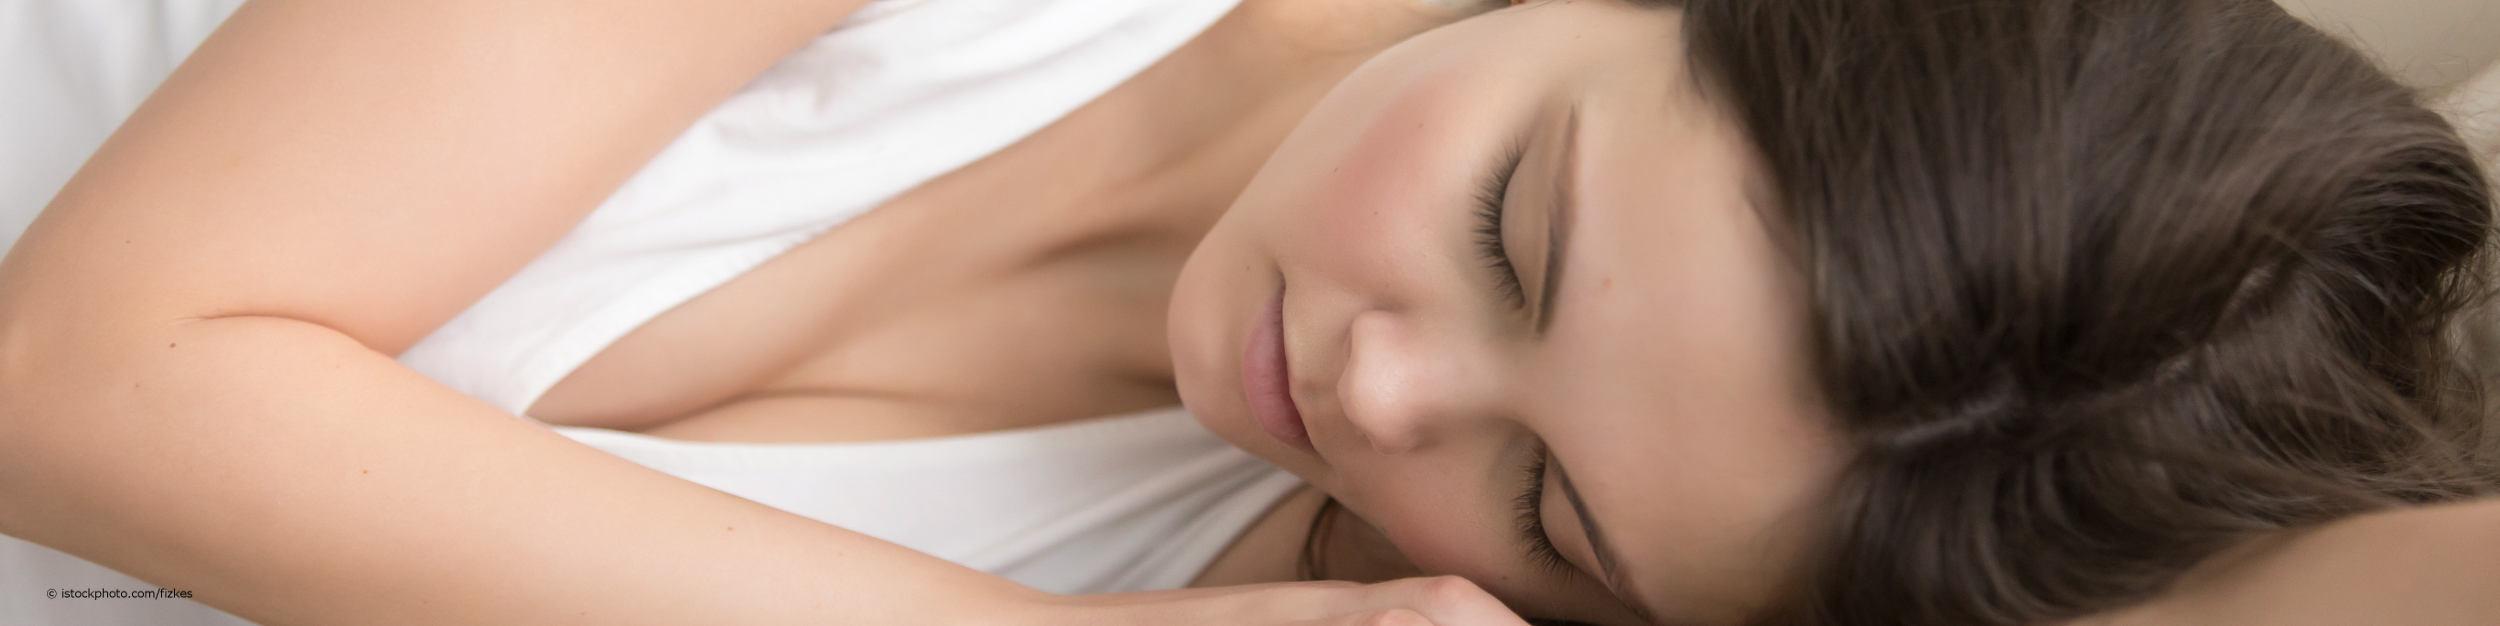 Junge Frau hat bei DocInsider die Tipps gegen Schlafstörungen gelsen und liegt nun entspannt auf der Seite im Bett.